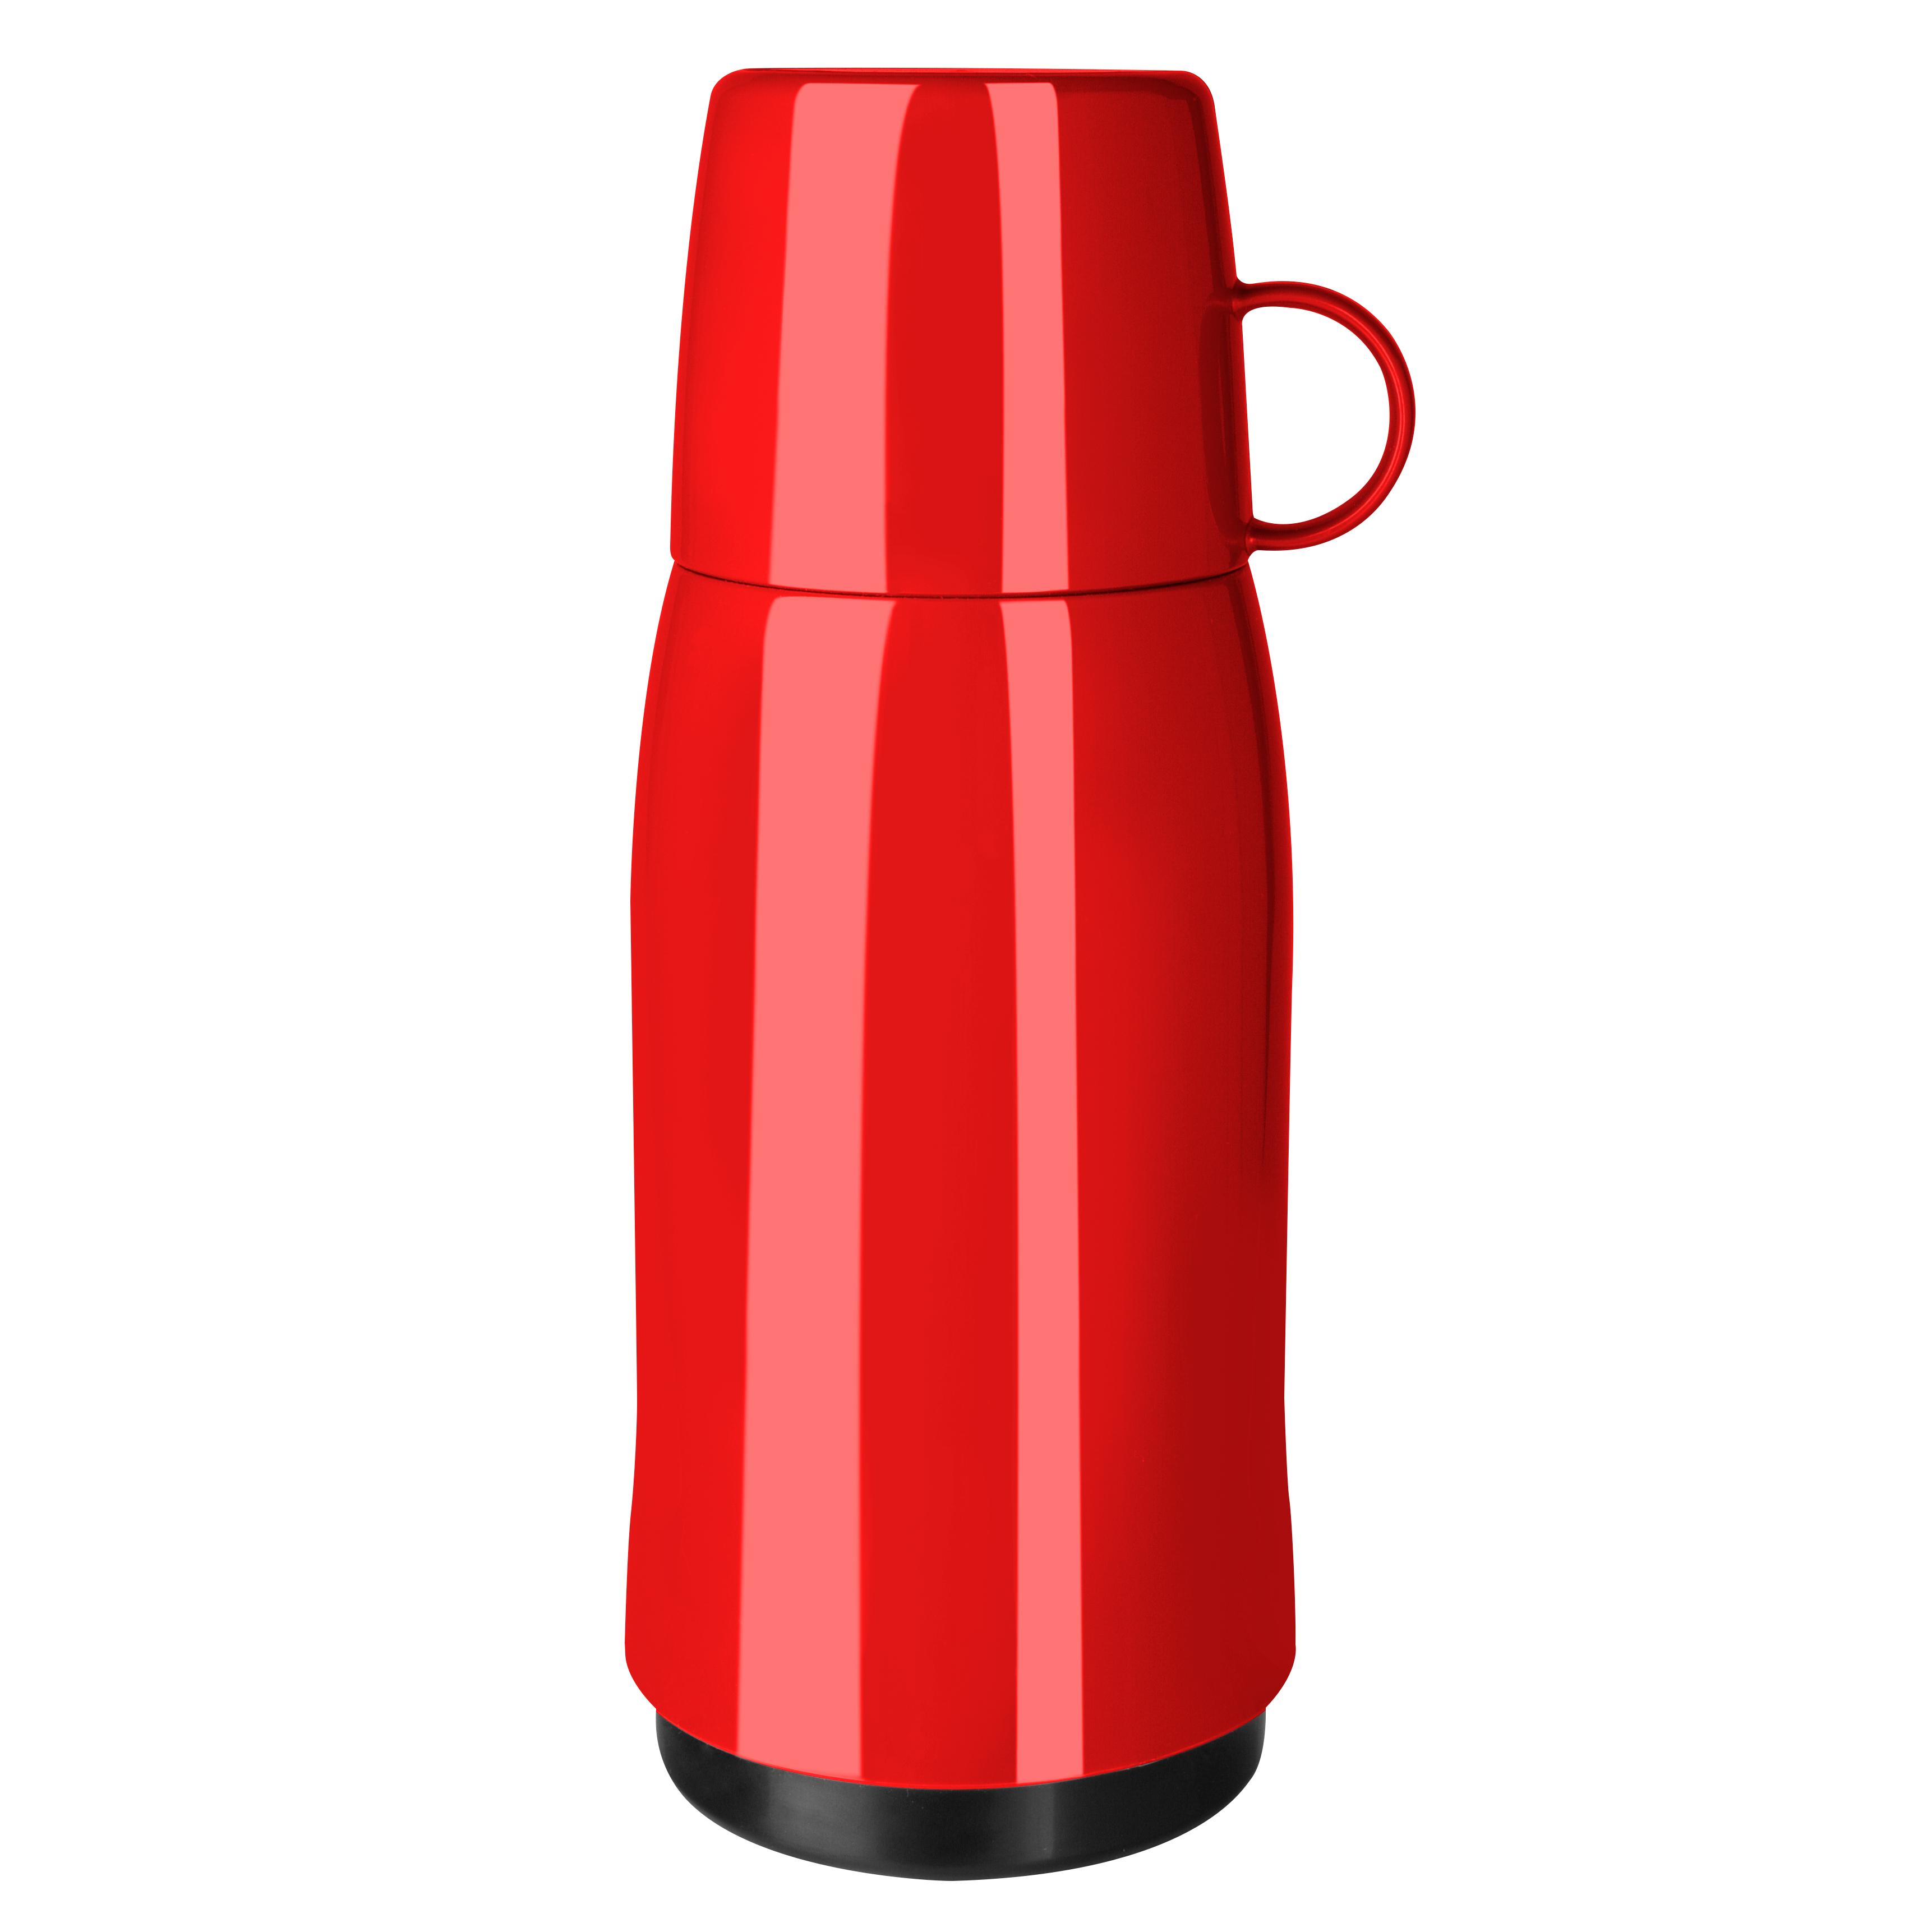 EMSA 502444 ROCKET Isolierflasche 0,5 L Schraubverschluss Rot - mit Becherdeckel - 100% dicht